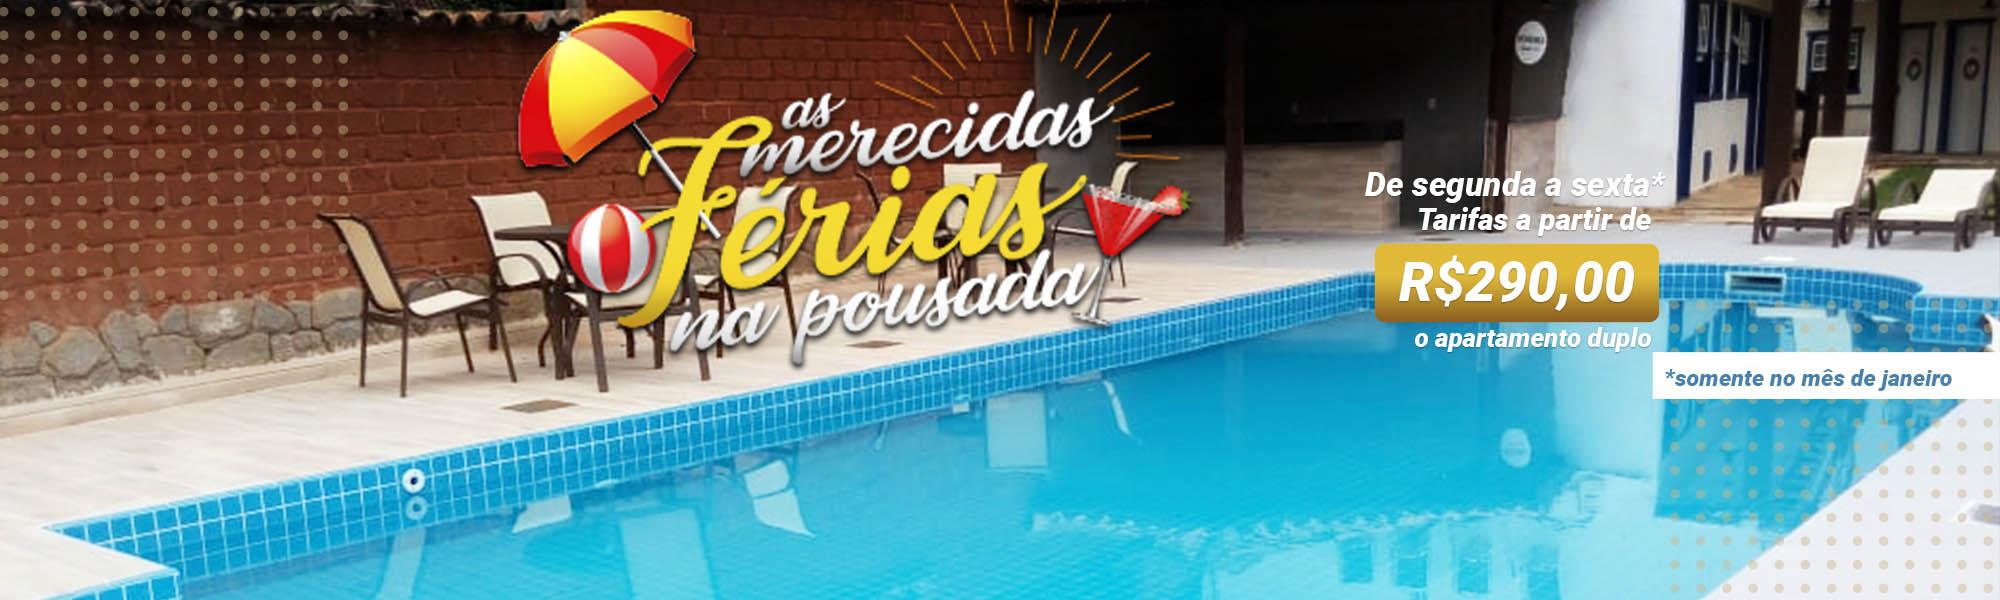 pmd_site_ferias_de_verao